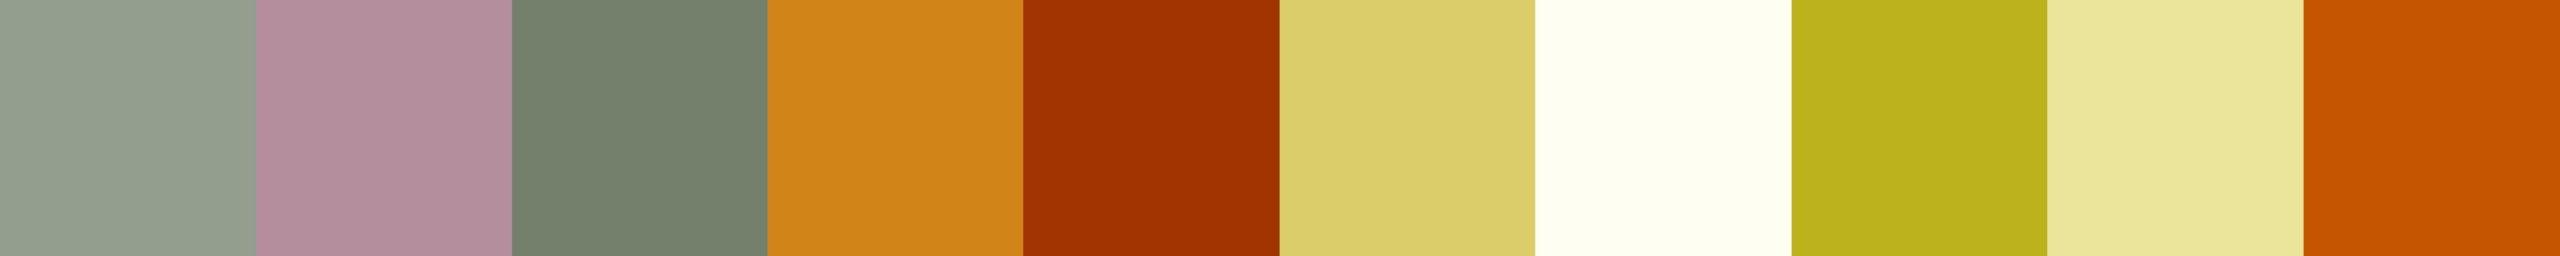 294 Vartibola Color Palette